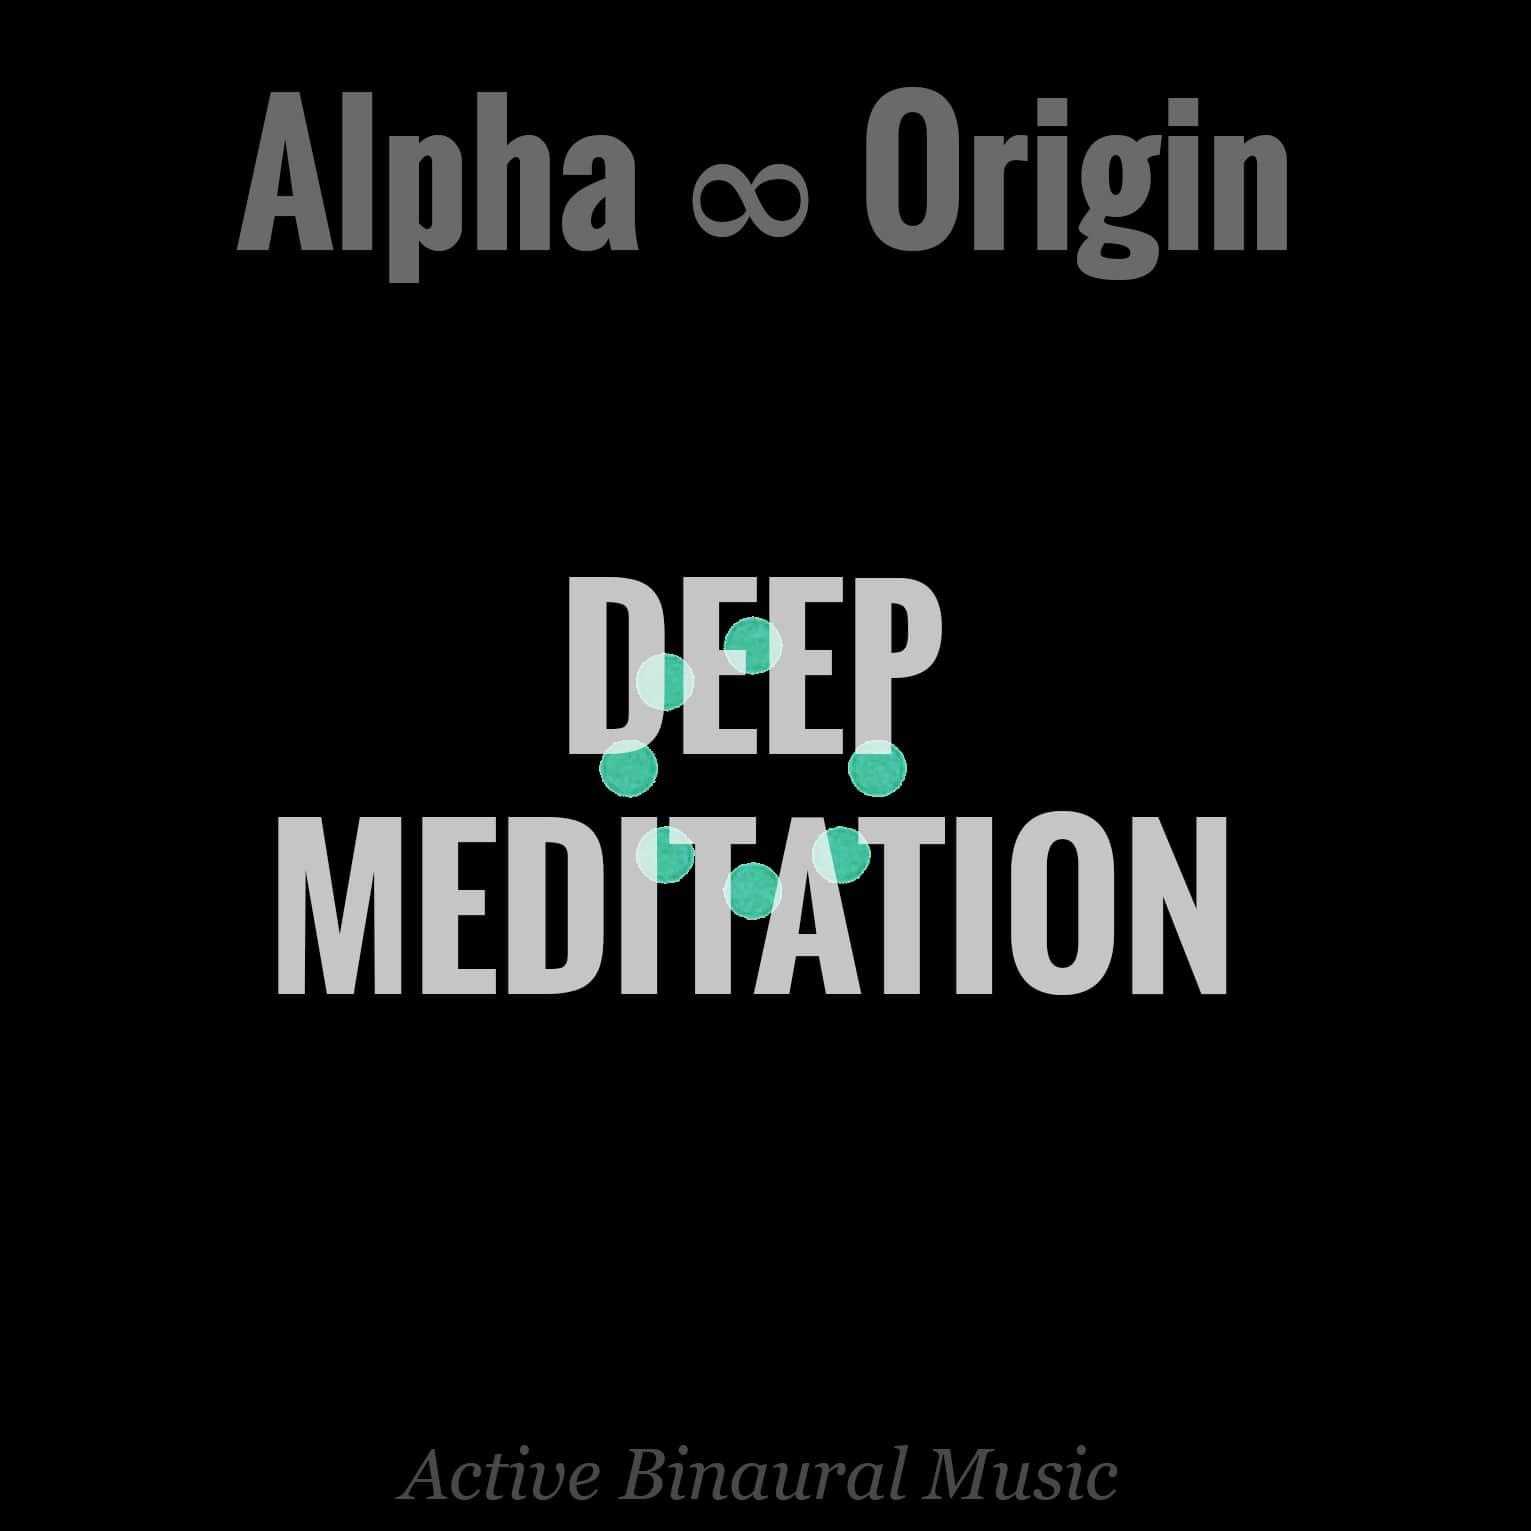 Isochronic Tones & Binaural Beats for Meditation - Sleep and